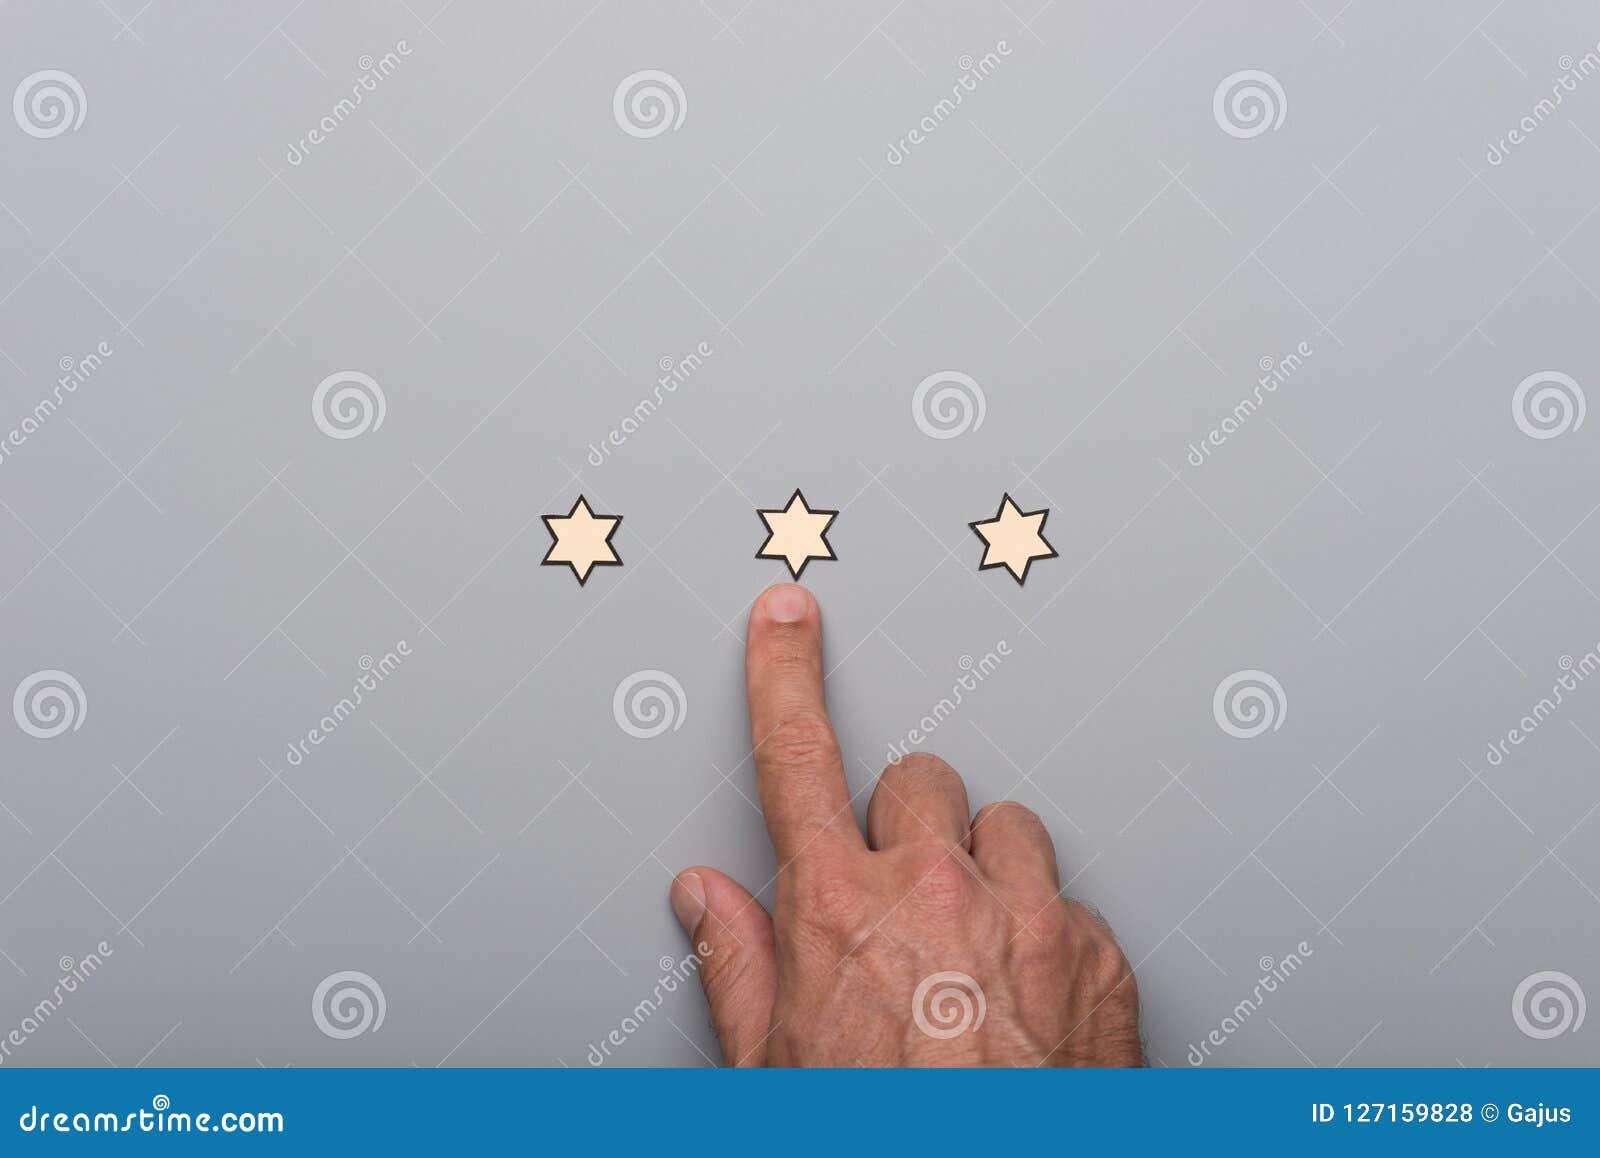 Männliche Hand, die auf an von drei Papierschnittsternen zeigt